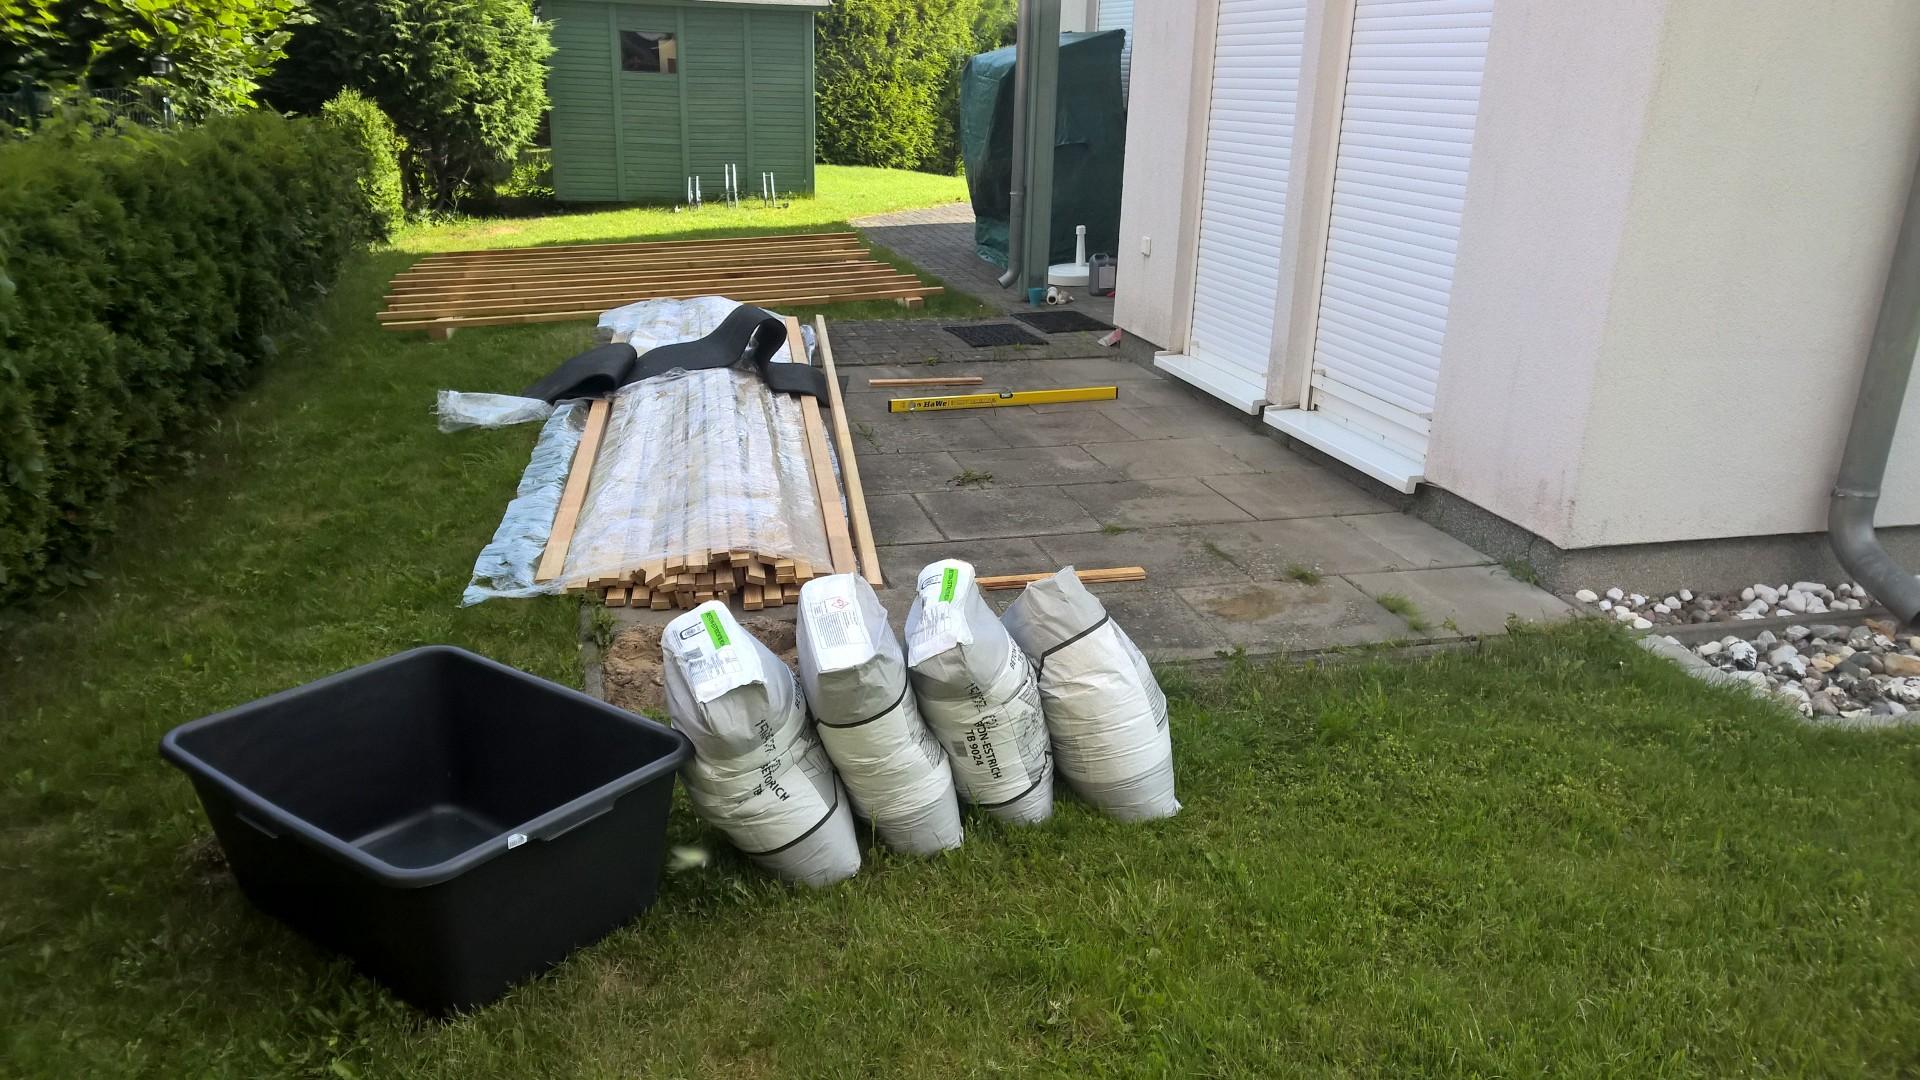 Vorbereitung des Baus. Alle Materialien wurden abgeladen.